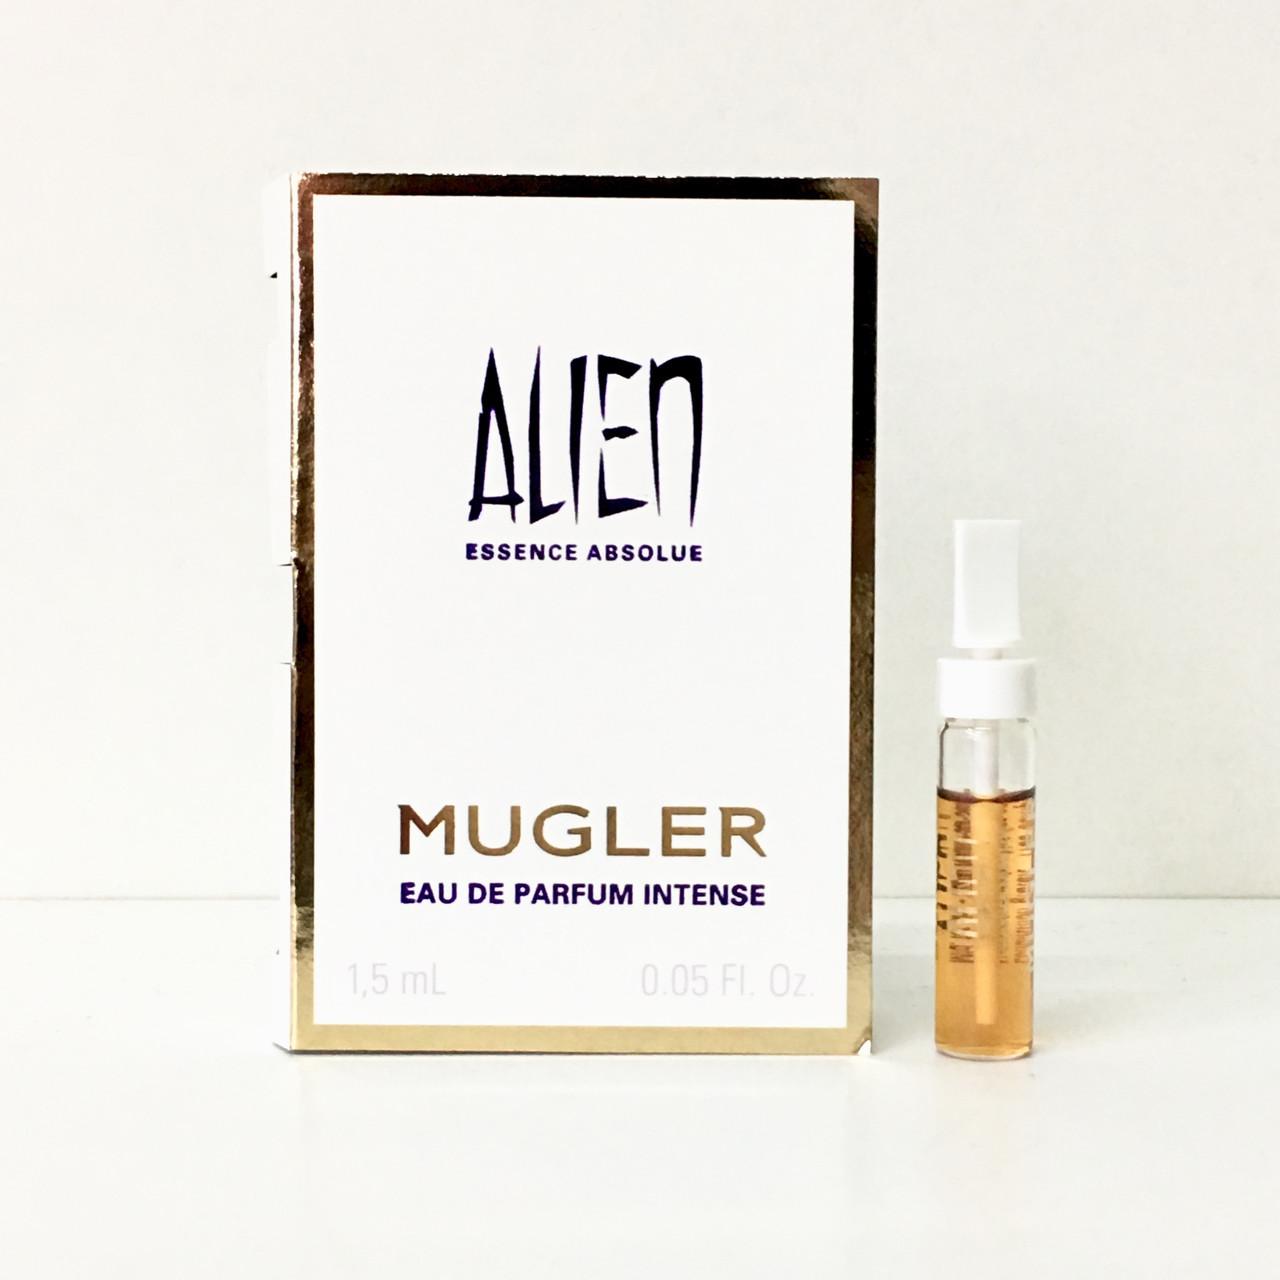 THIERRY MUGLER Alien Essence Absolue Intense ПРОБНИК 1,5ml, вечерний восточный аромат для женщин ОРИГИНАЛ